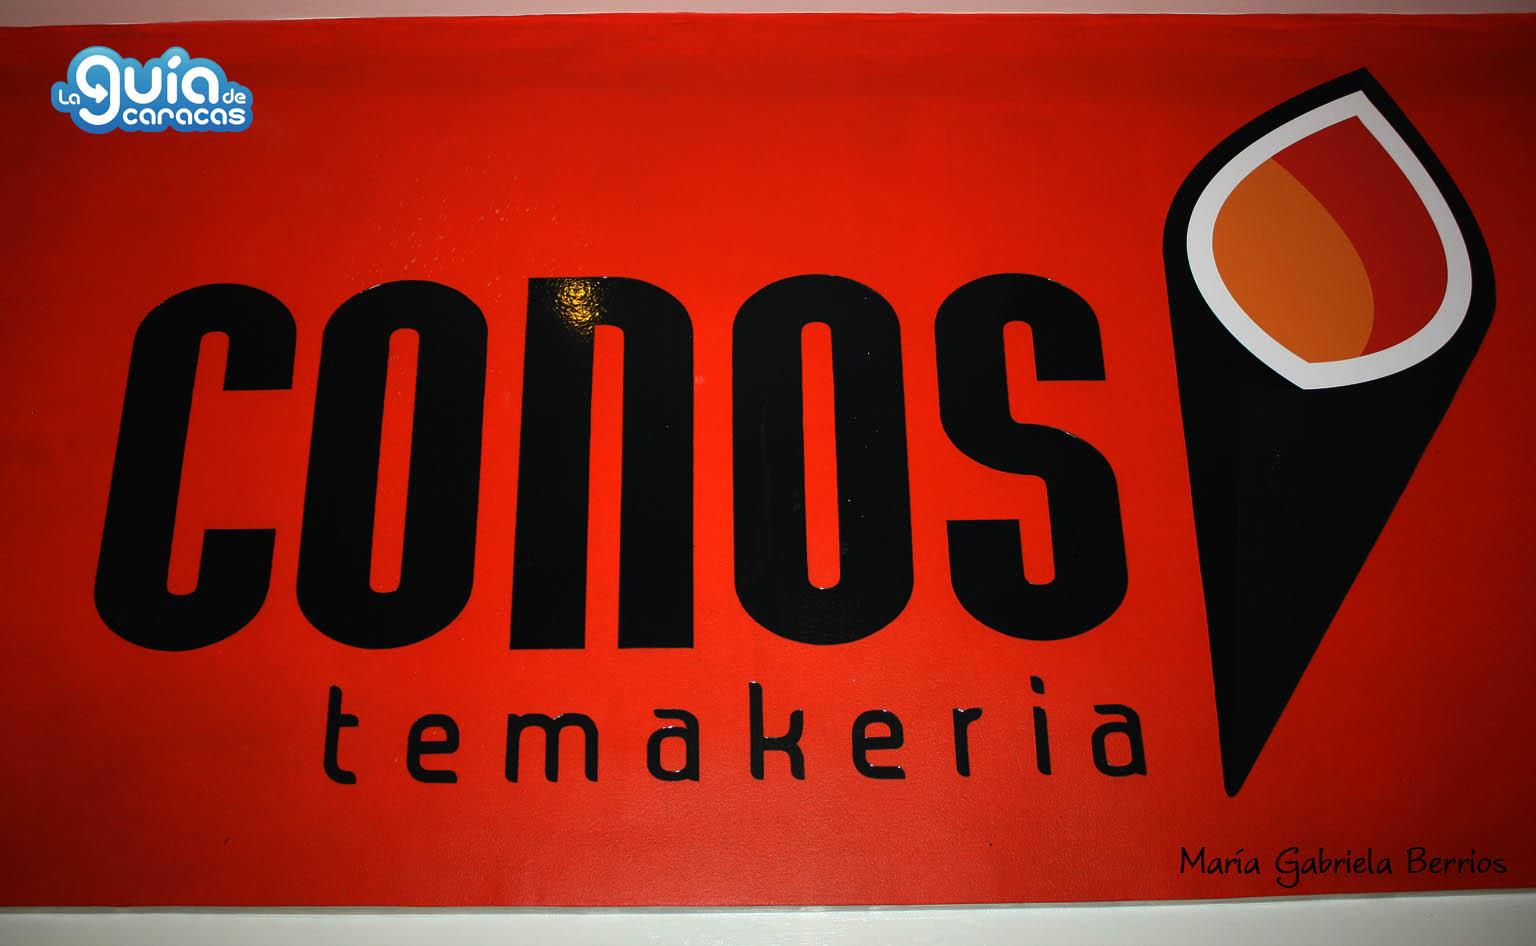 Conos Temakeria 1